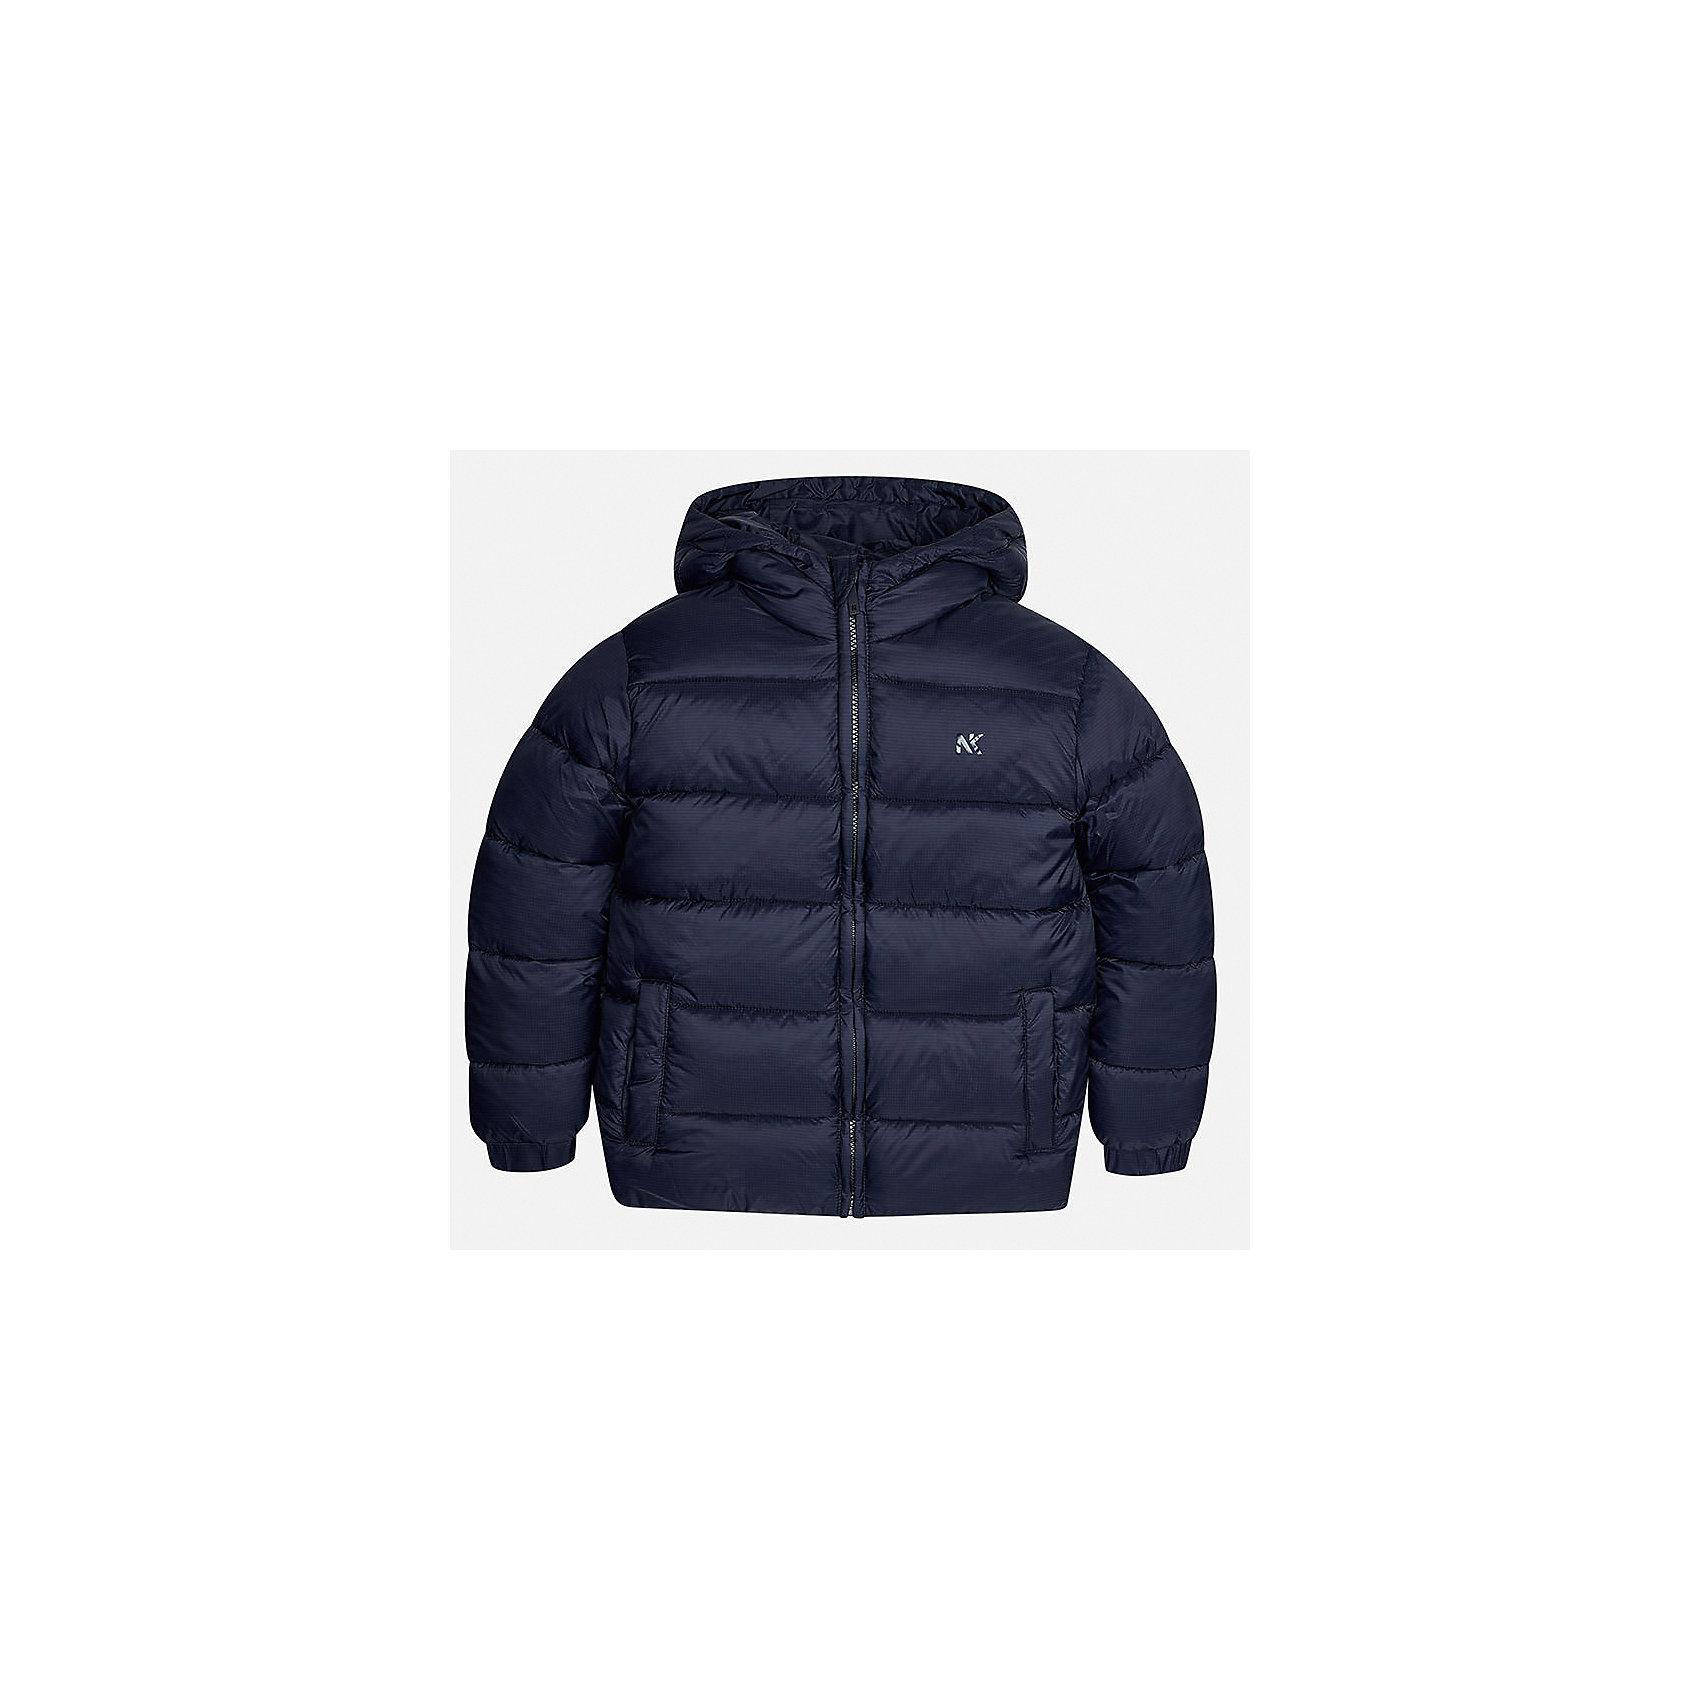 Куртка для мальчика MayoralДемисезонные куртки<br>Характеристики товара:<br><br>• цвет: темно-синий;<br>• сезон: демисезон;<br>• состав ткани: 100% полиэстер;<br>• состав подкладки: 100% полиэстер;<br>• стеганая;<br>• капюшон: без меха, не отстегивается;<br>• страна бренда: Испания;<br>• страна изготовитель: Бангладеш.<br><br>Демисезонная куртка для мальчика от популярного бренда Mayoral несомненно понравится вам и вашему ребенку. Качественные ткани, безупречное исполнение, все модели в центре модных тенденций. Внешняя ткань плащевая, подкладка из флиса, аккуратные швы. Рукава на внутренней манжете. Застегивается на замок-молнию, капюшон не отстегивается. <br><br>Легкая и теплая куртка с капюшоном и карманами на холодную осень-весну. Грамотный крой изделия обеспечивает отличную посадку по фигуре.<br><br>Куртку  для мальчика Mayoral (Майорал) можно купить в нашем интернет-магазине.<br><br>Ширина мм: 356<br>Глубина мм: 10<br>Высота мм: 245<br>Вес г: 519<br>Цвет: синий<br>Возраст от месяцев: 168<br>Возраст до месяцев: 180<br>Пол: Мужской<br>Возраст: Детский<br>Размер: 170,128/134,140,152,158,164<br>SKU: 6931949